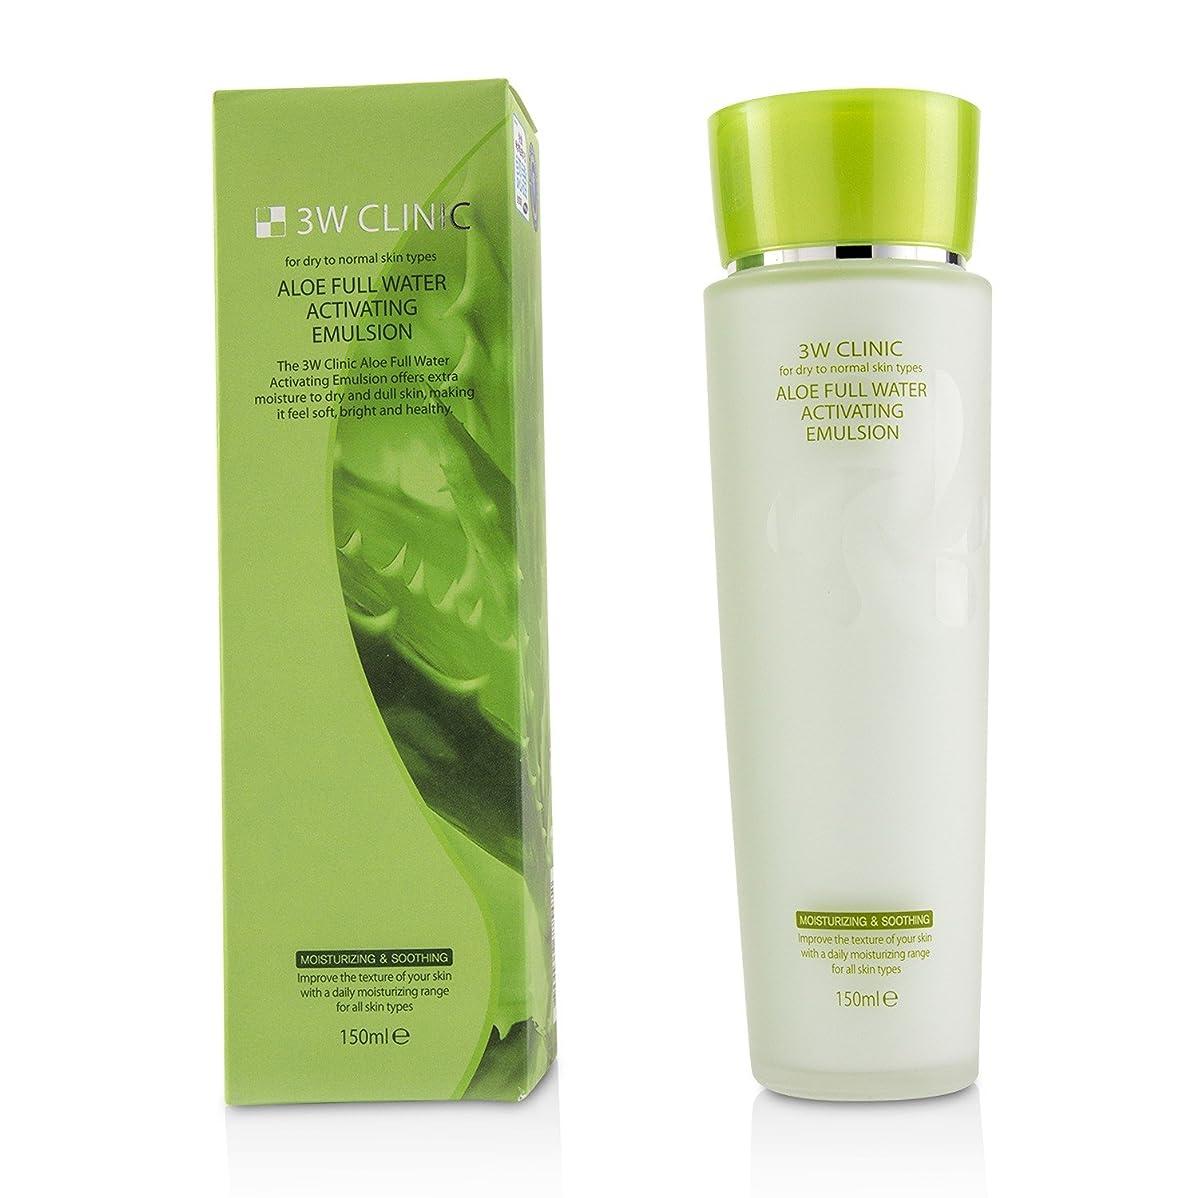 浜辺過敏な論争的3Wクリニック Aloe Full Water Activating Emulsion - For Dry to Normal Skin Types 150ml/5oz並行輸入品